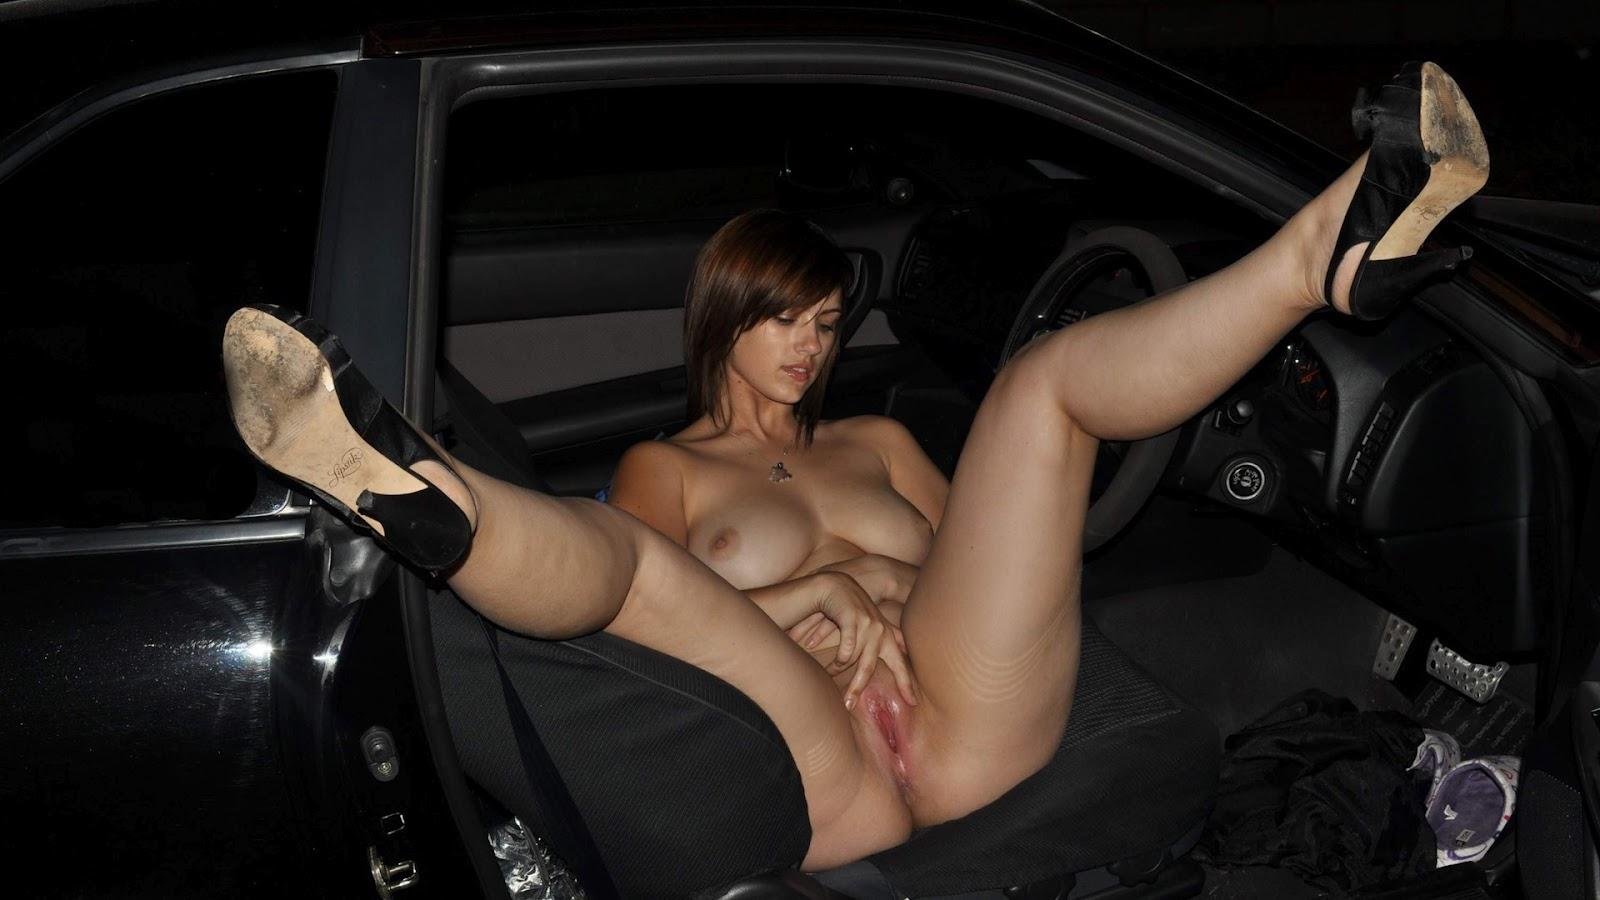 Фистинг возле машины порно 28 фотография